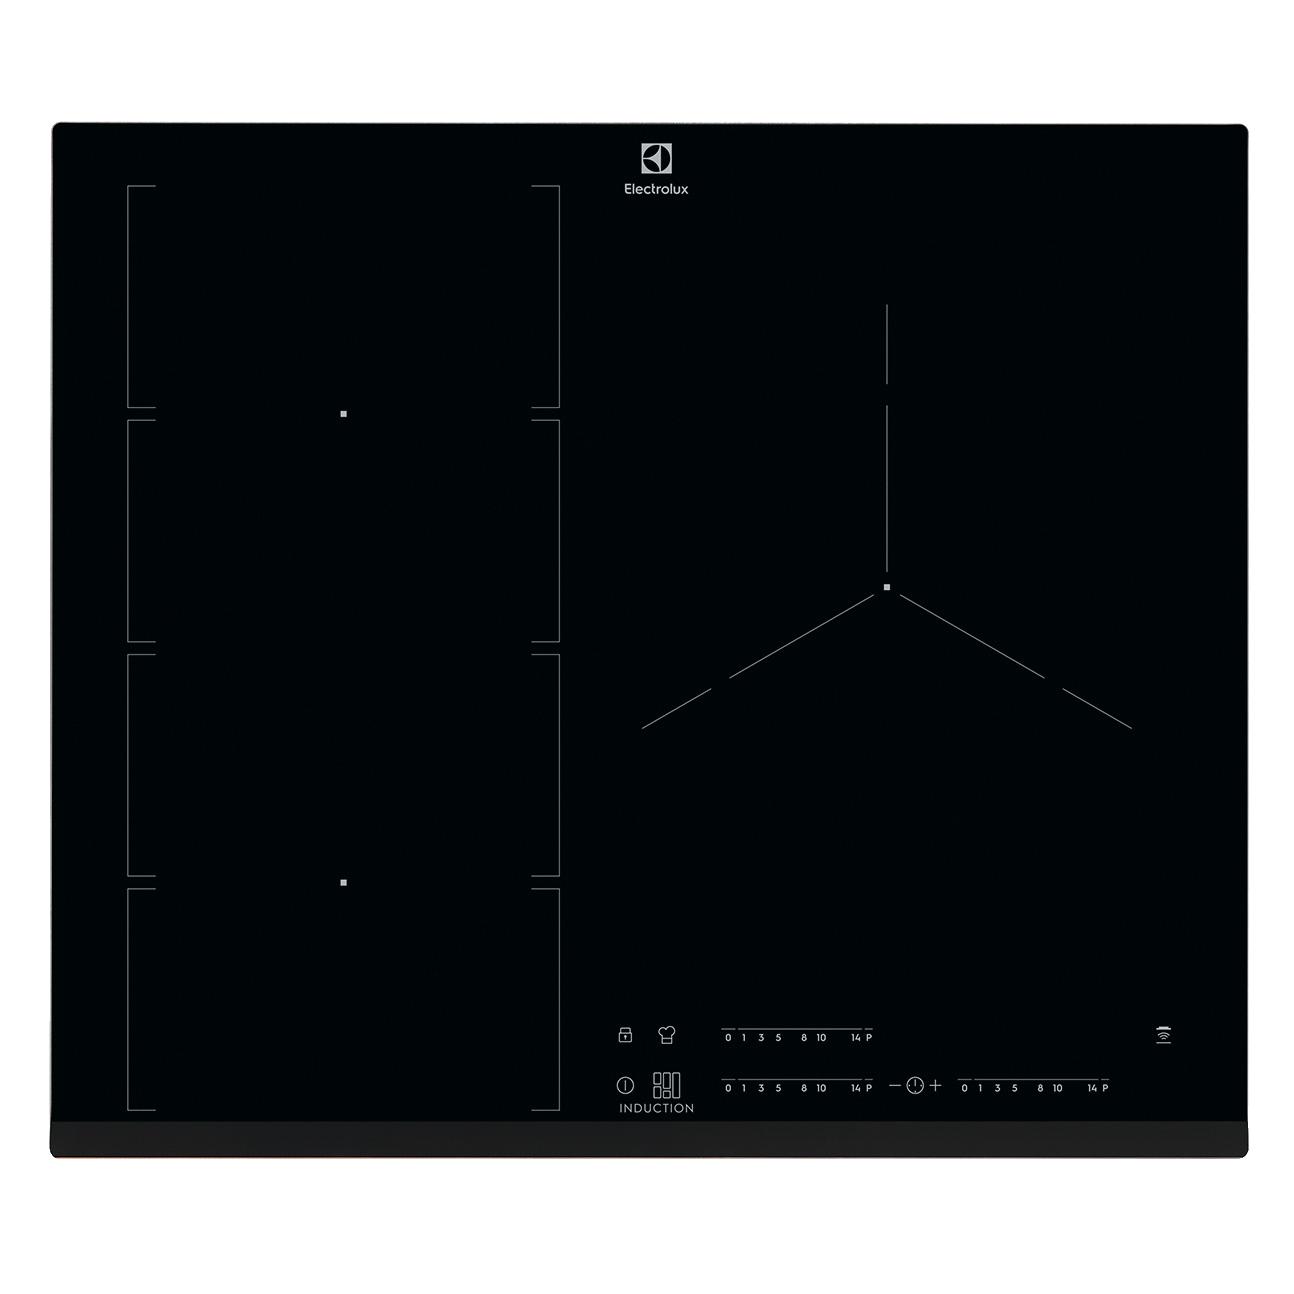 [일렉트로룩스 공식인증판매점]인덕션 플렉스브릿지 전기레인지 3구 EIV65344, 방문설치